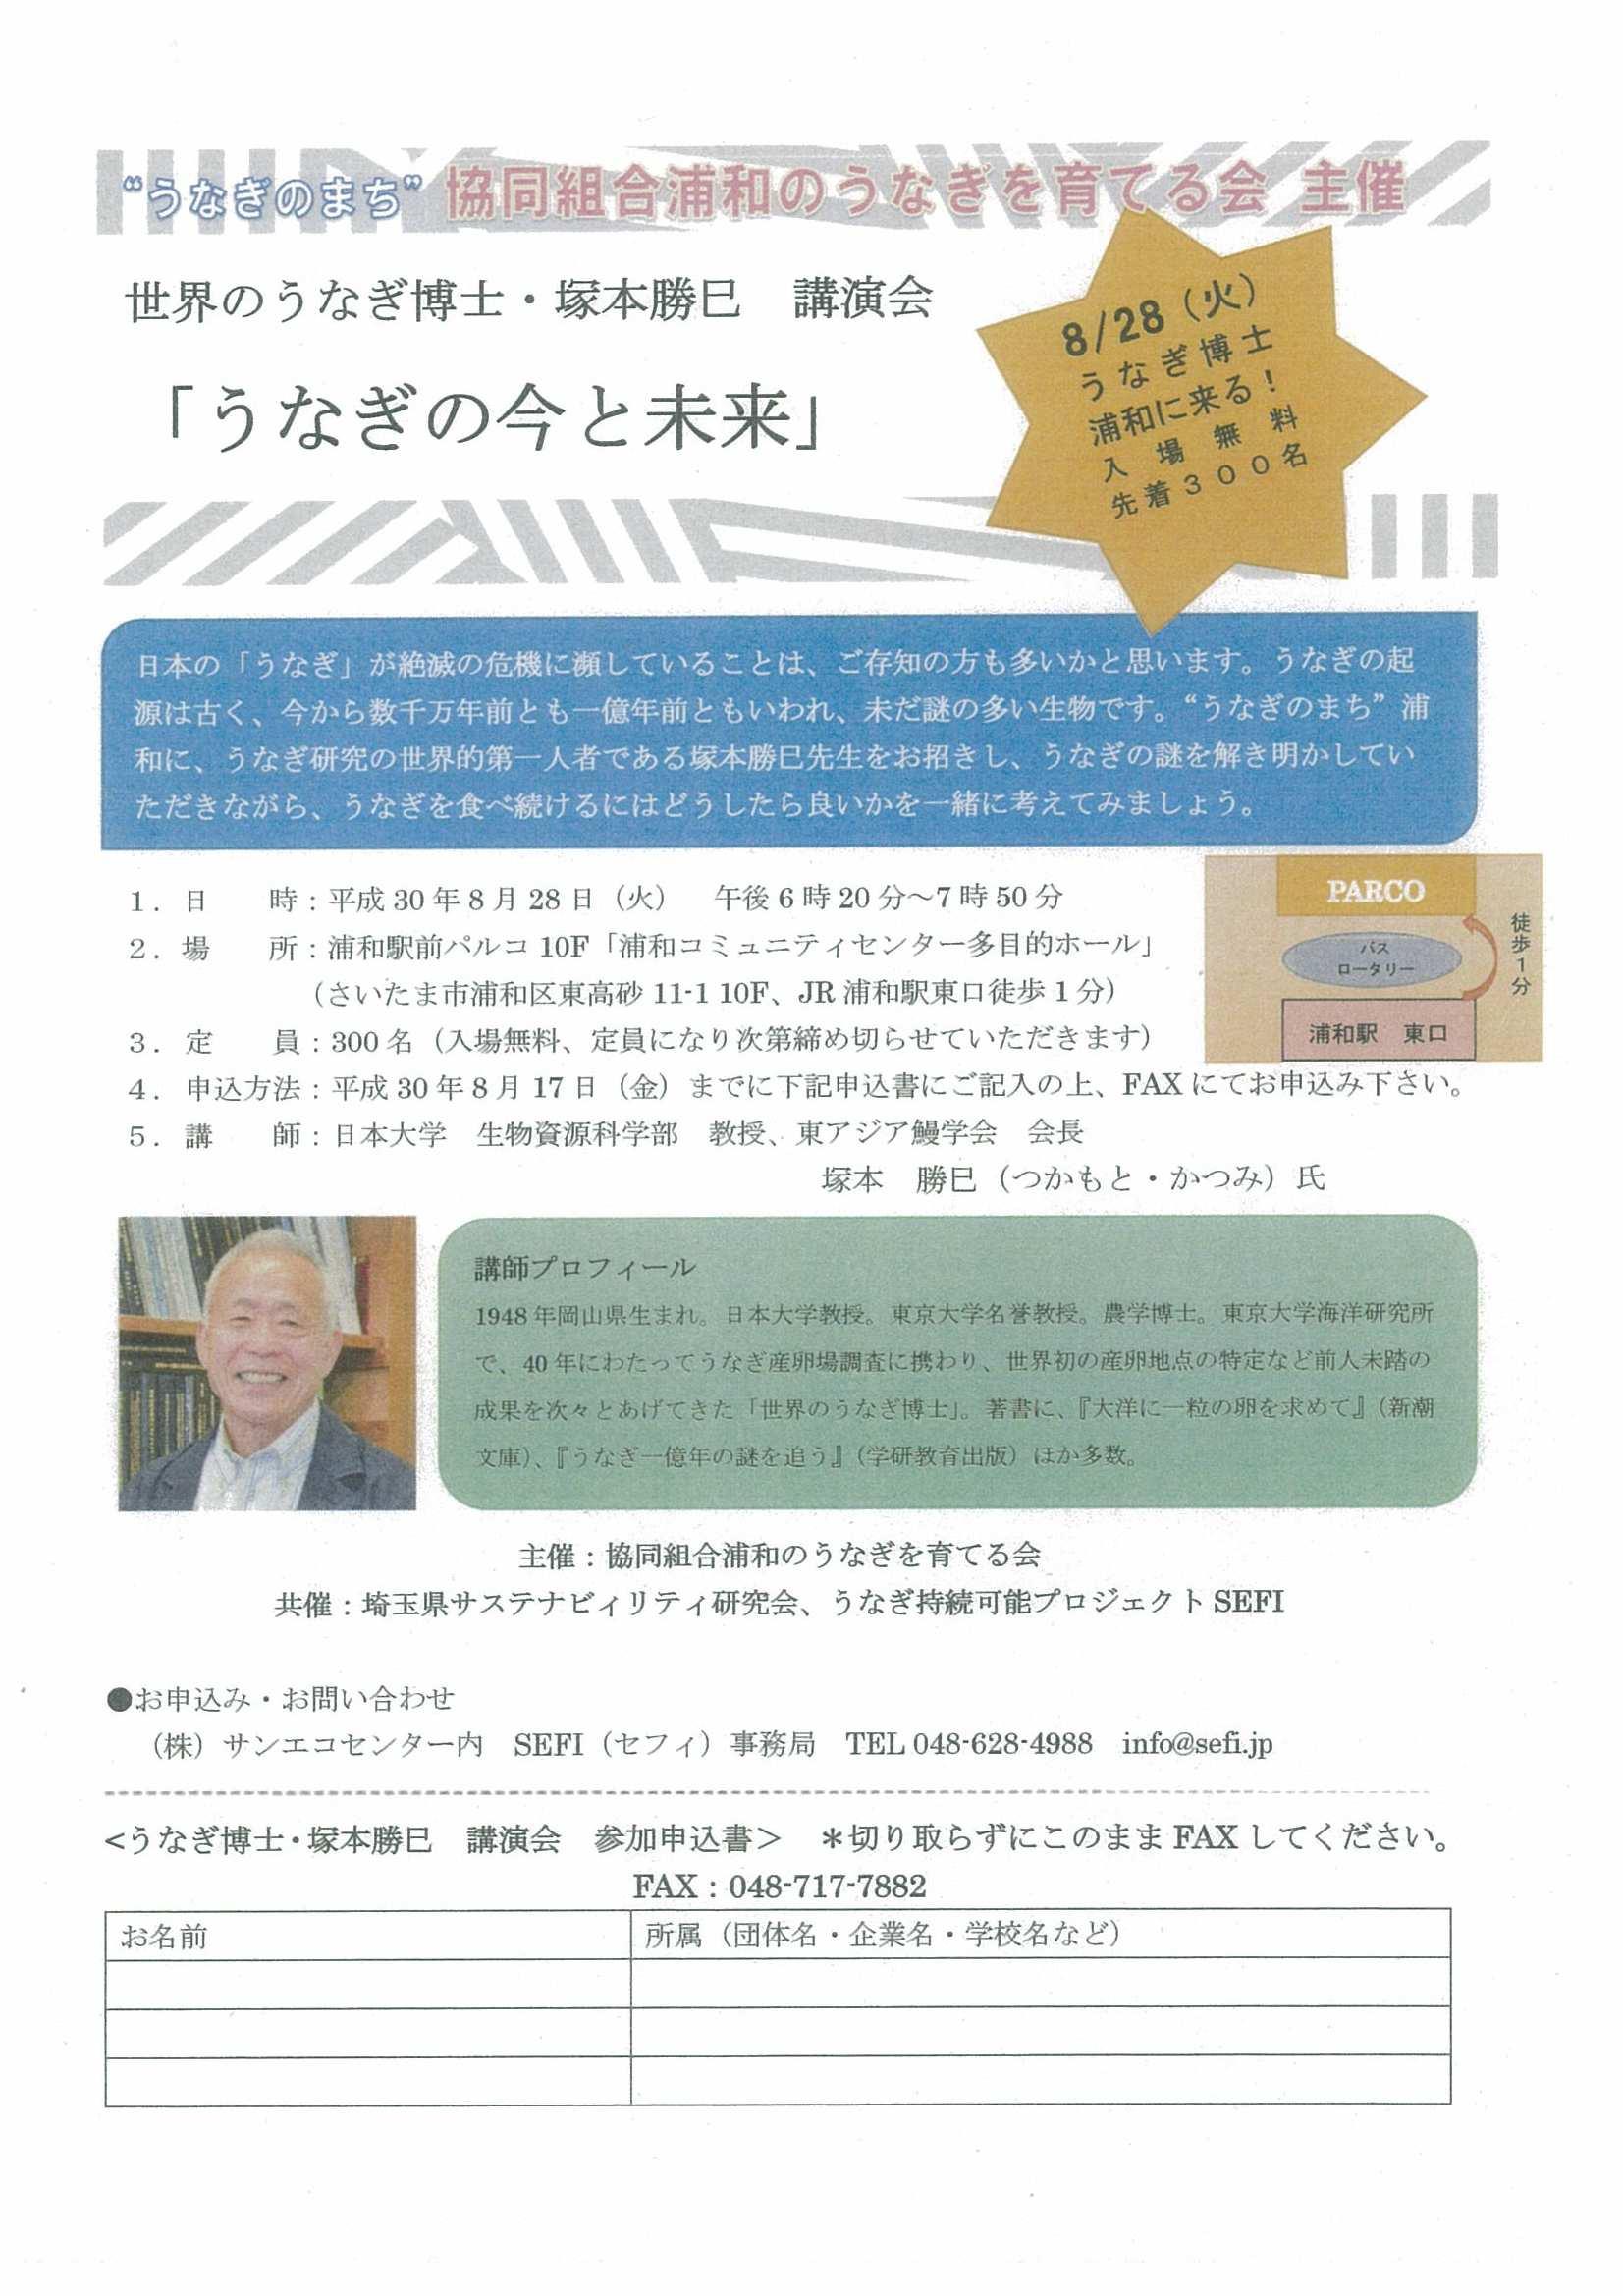 8 28開催 8 17締切 世界のうなぎ博士 塚本勝巳講演会 うなぎの今と